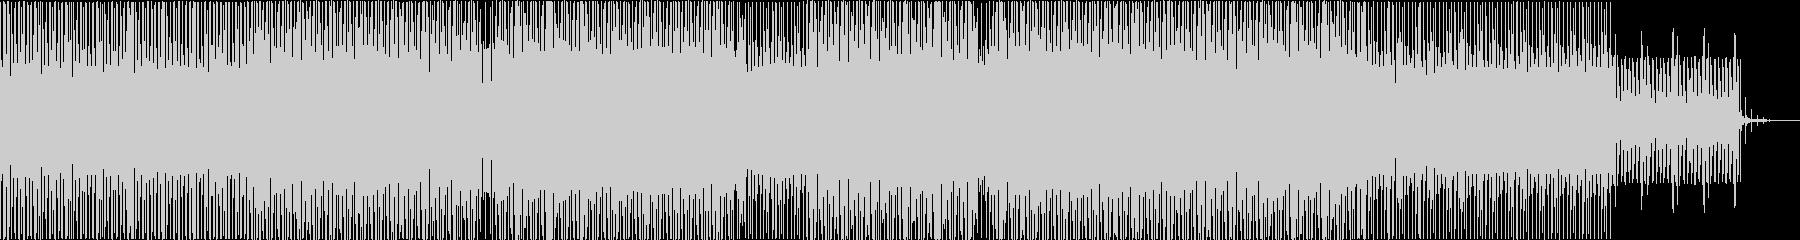 ドローンアンビエントなミニマルハウスの未再生の波形